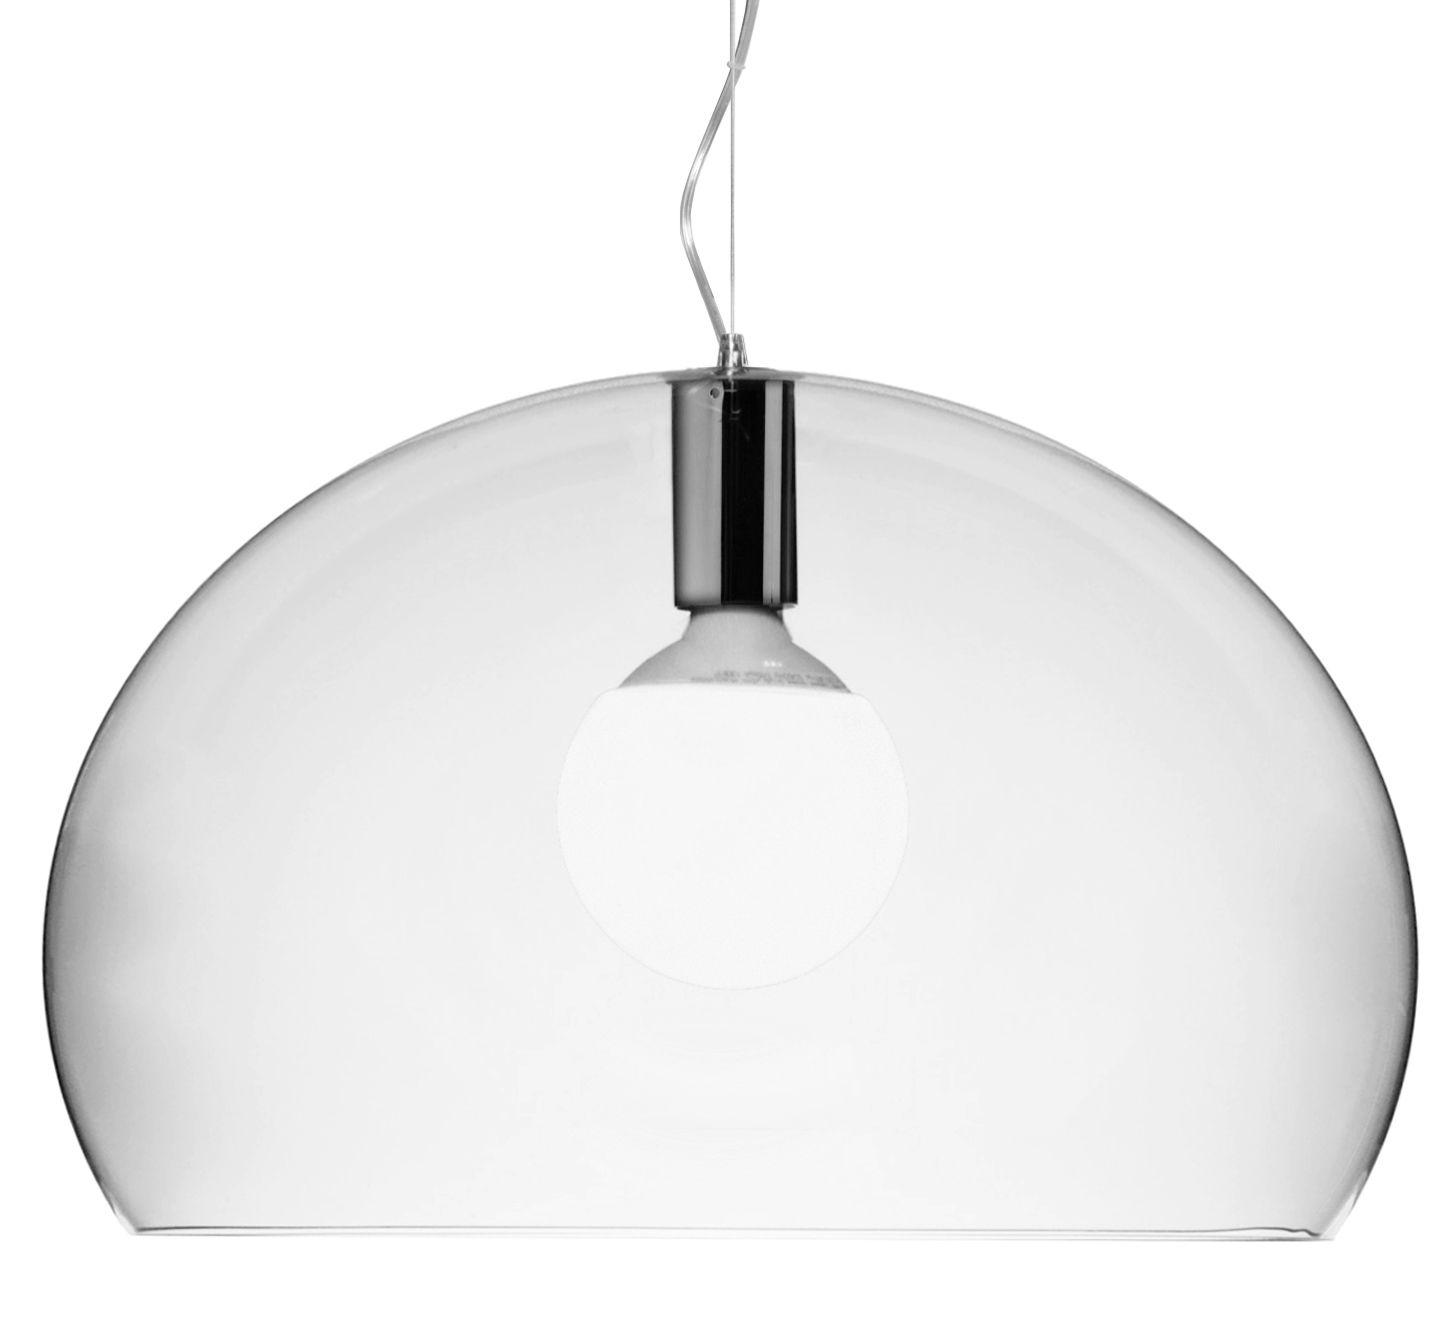 Suspension lamp Big FL / Y - Ø 83 cm Transparent Kartell Ferruccio Laviani 1